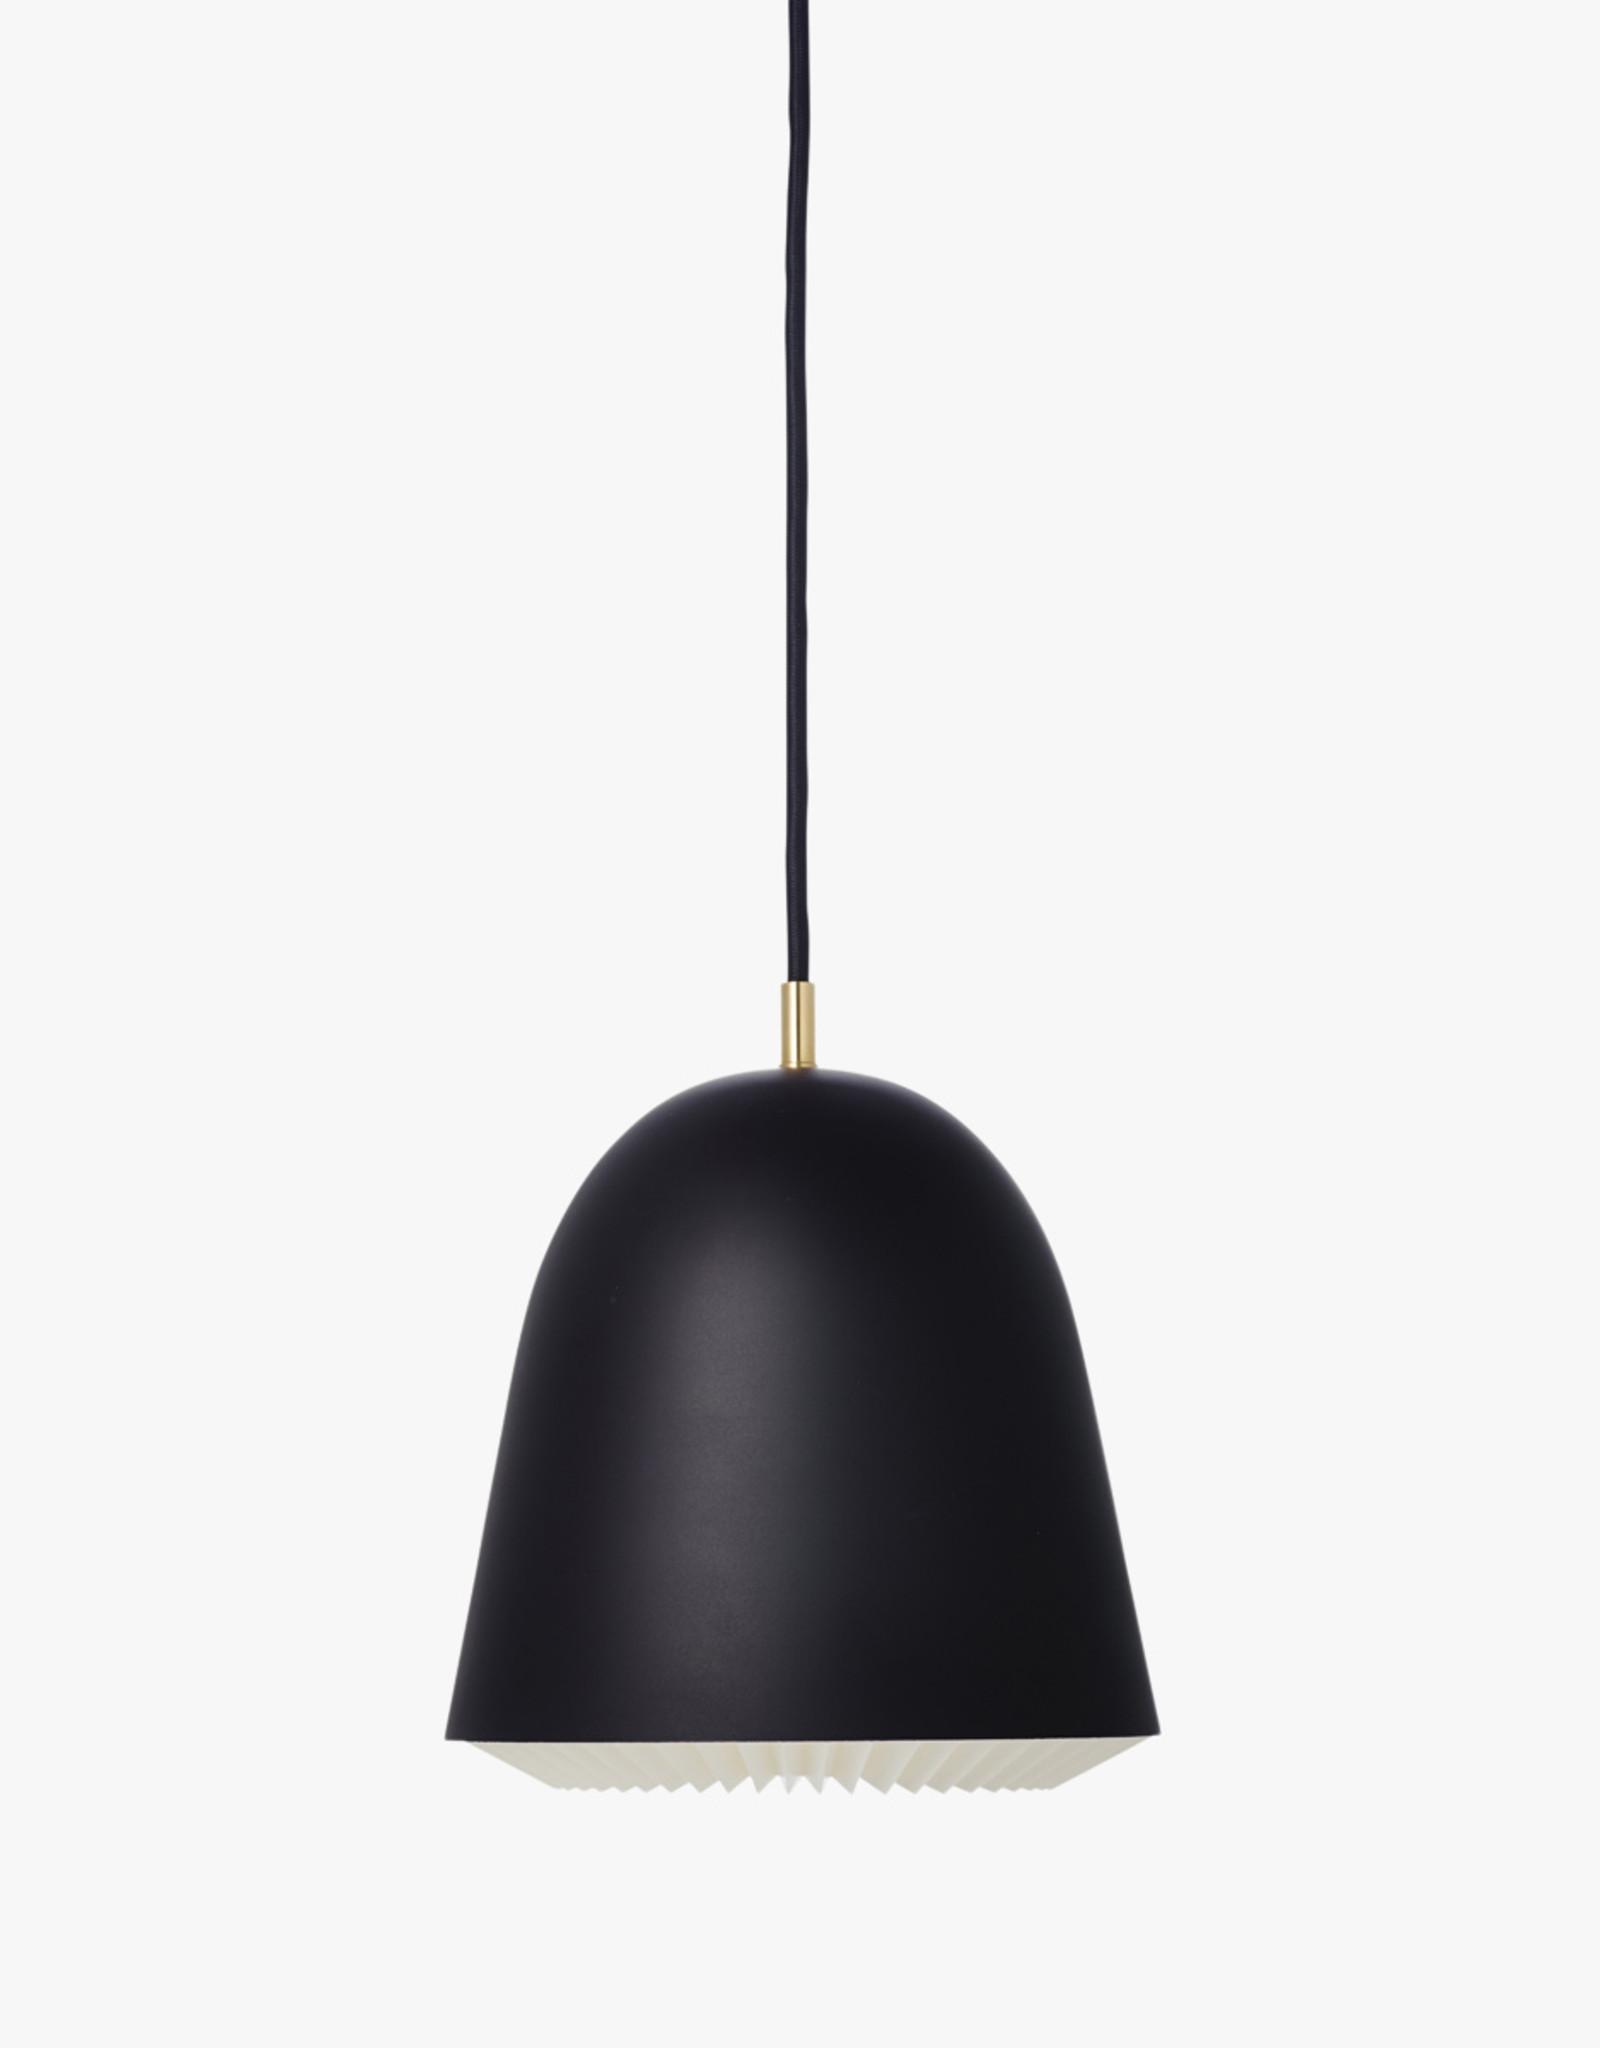 Caché pendant light by Aurelién Barbry | Black | M | W30cm c H32cm |1x E27 1200 LM max. 20W LED bulb required